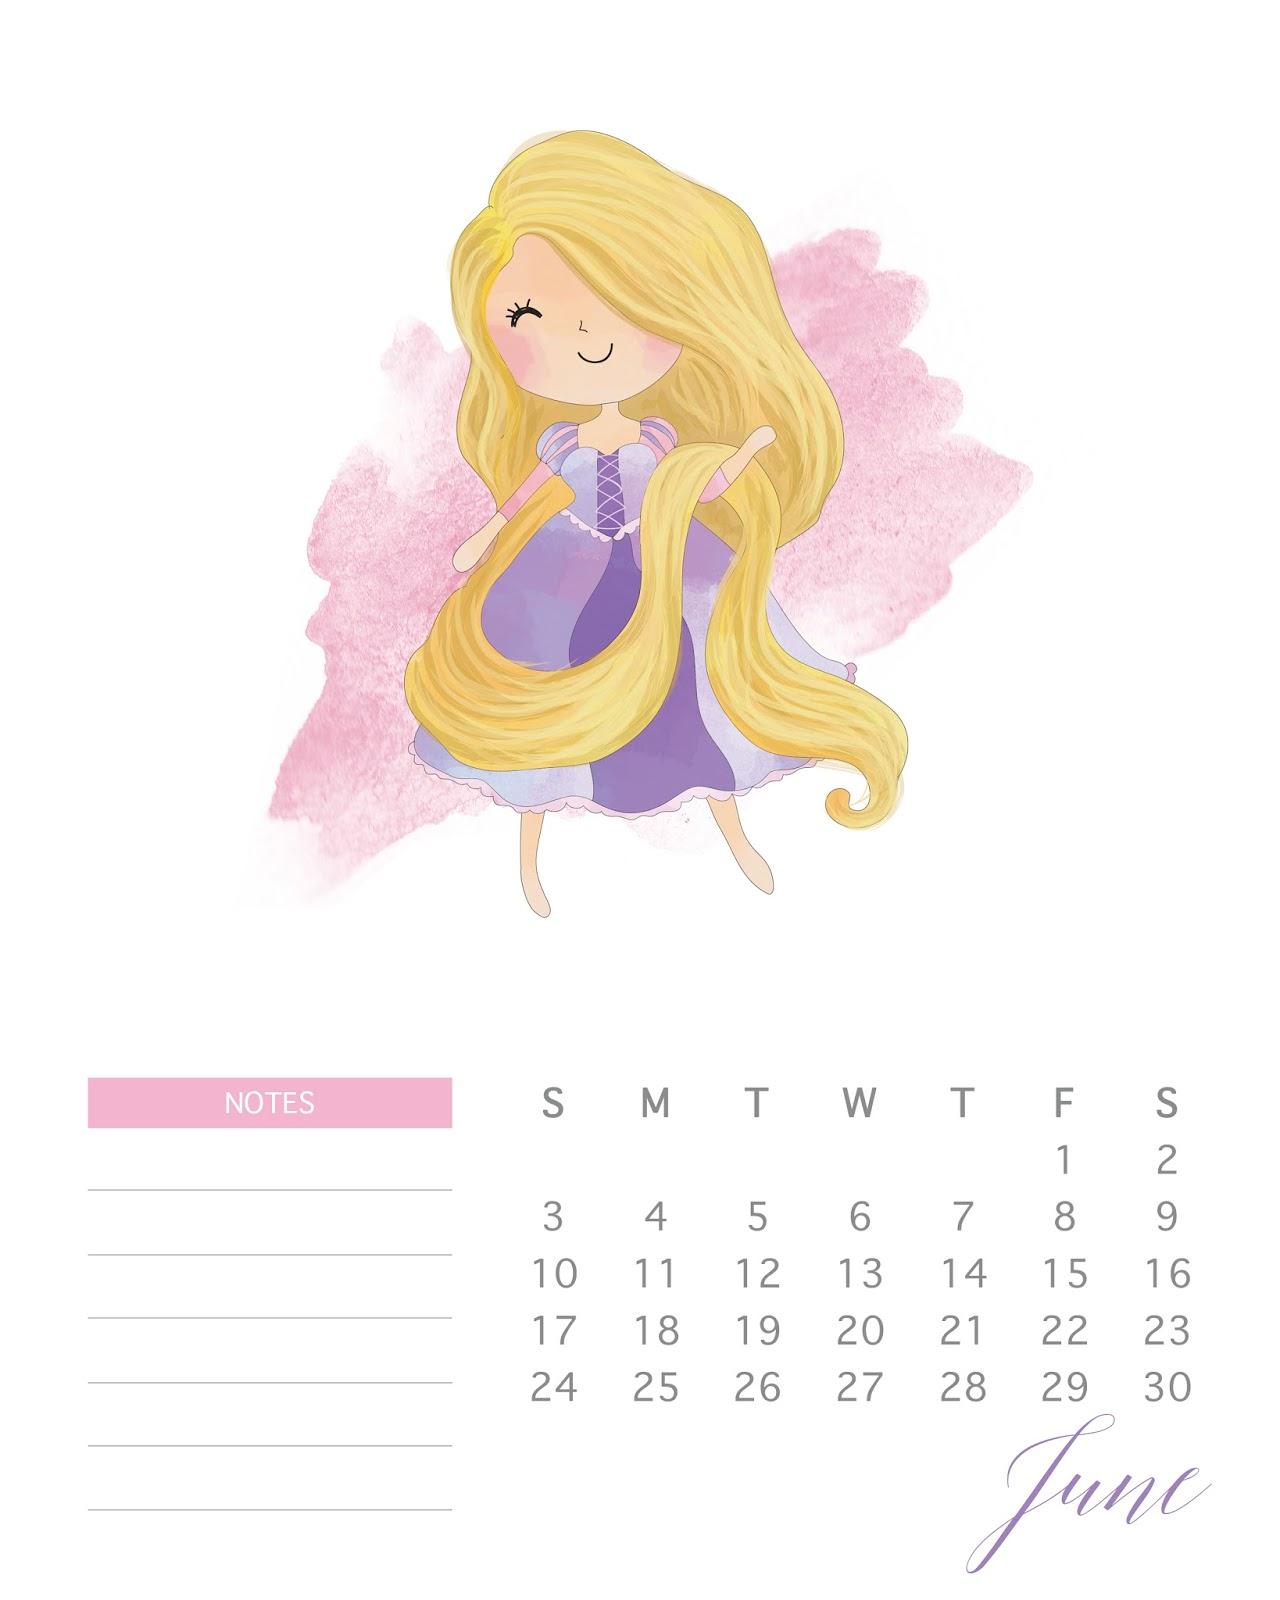 Anime July 2019: Calendario 2018 De Las Princesas Disney Para Imprimir